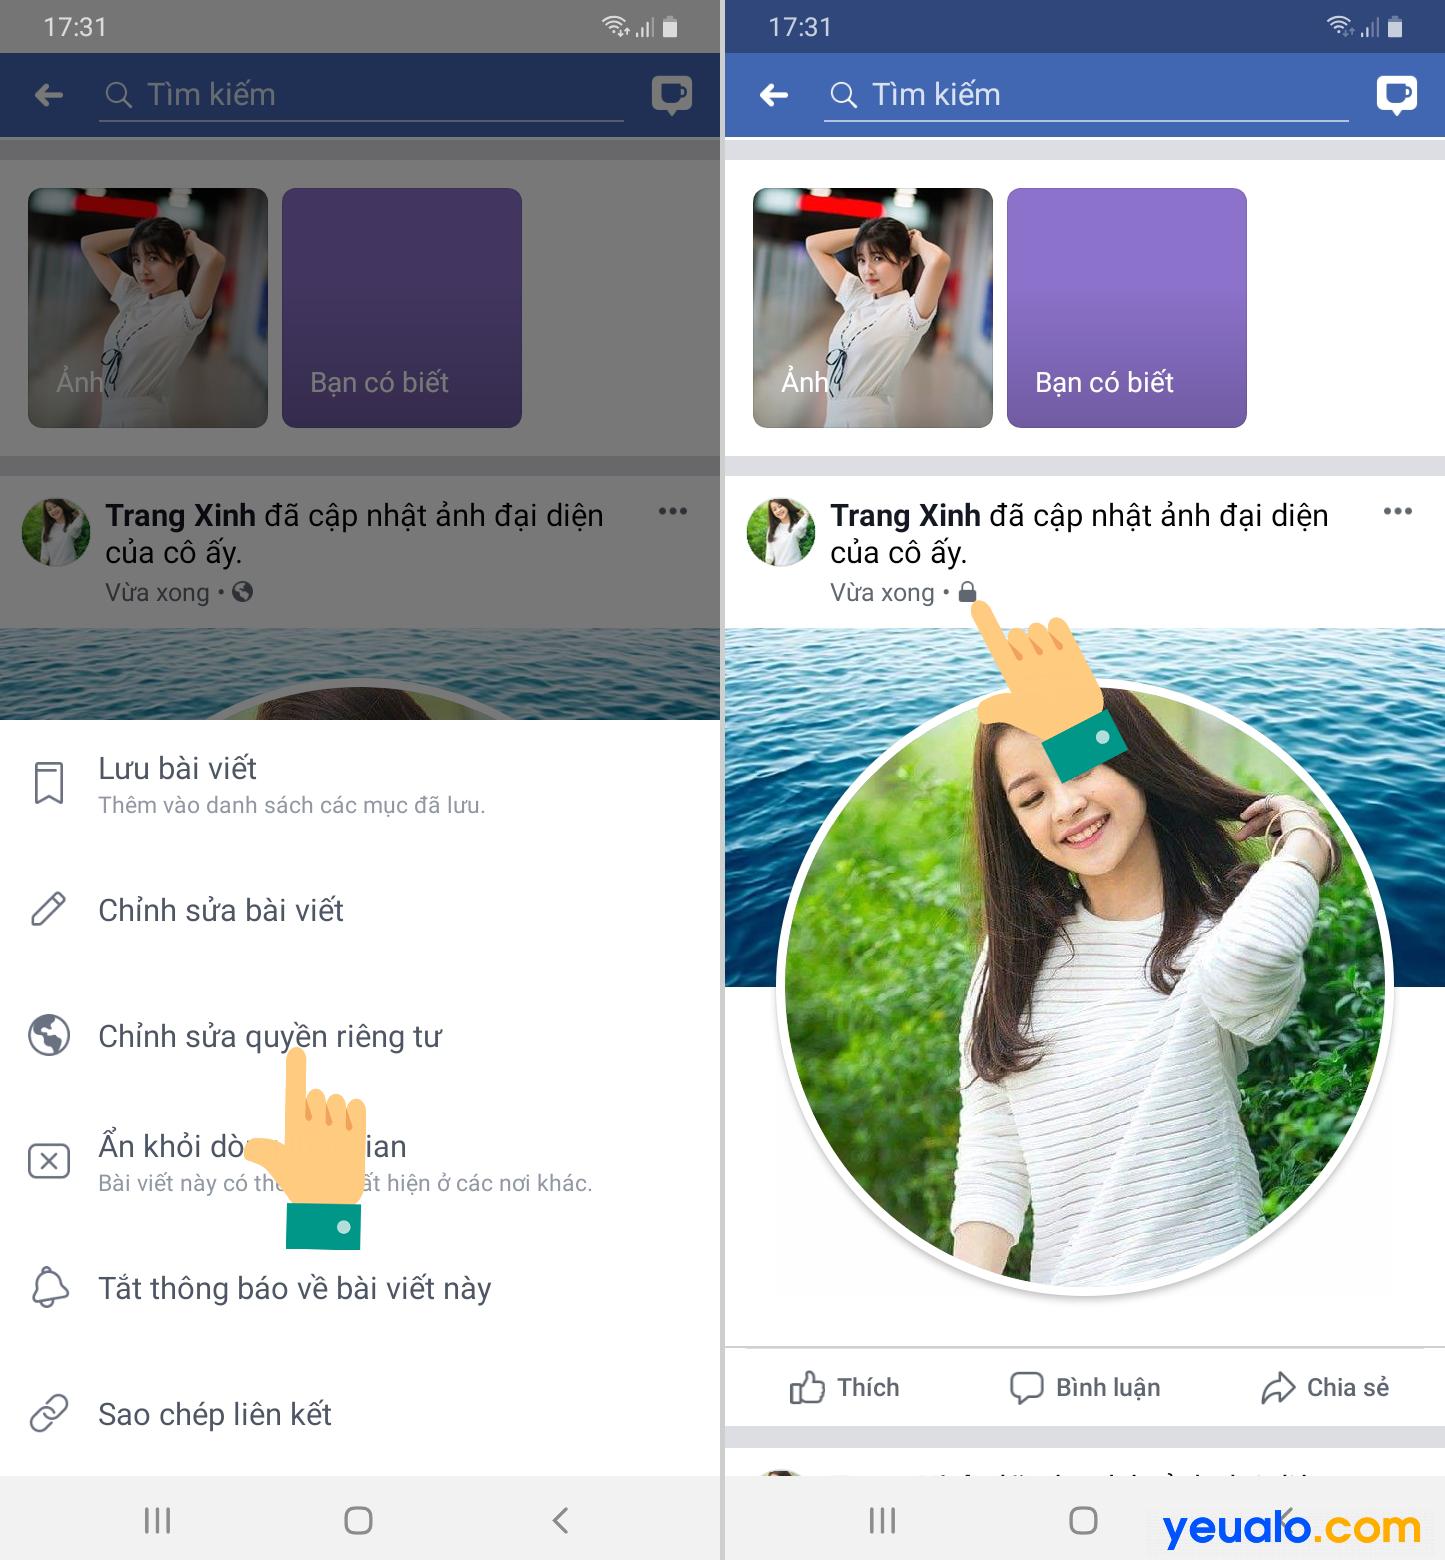 Cách khóa ảnh đại diện Facebook không cho like bình luận trên điện thoại